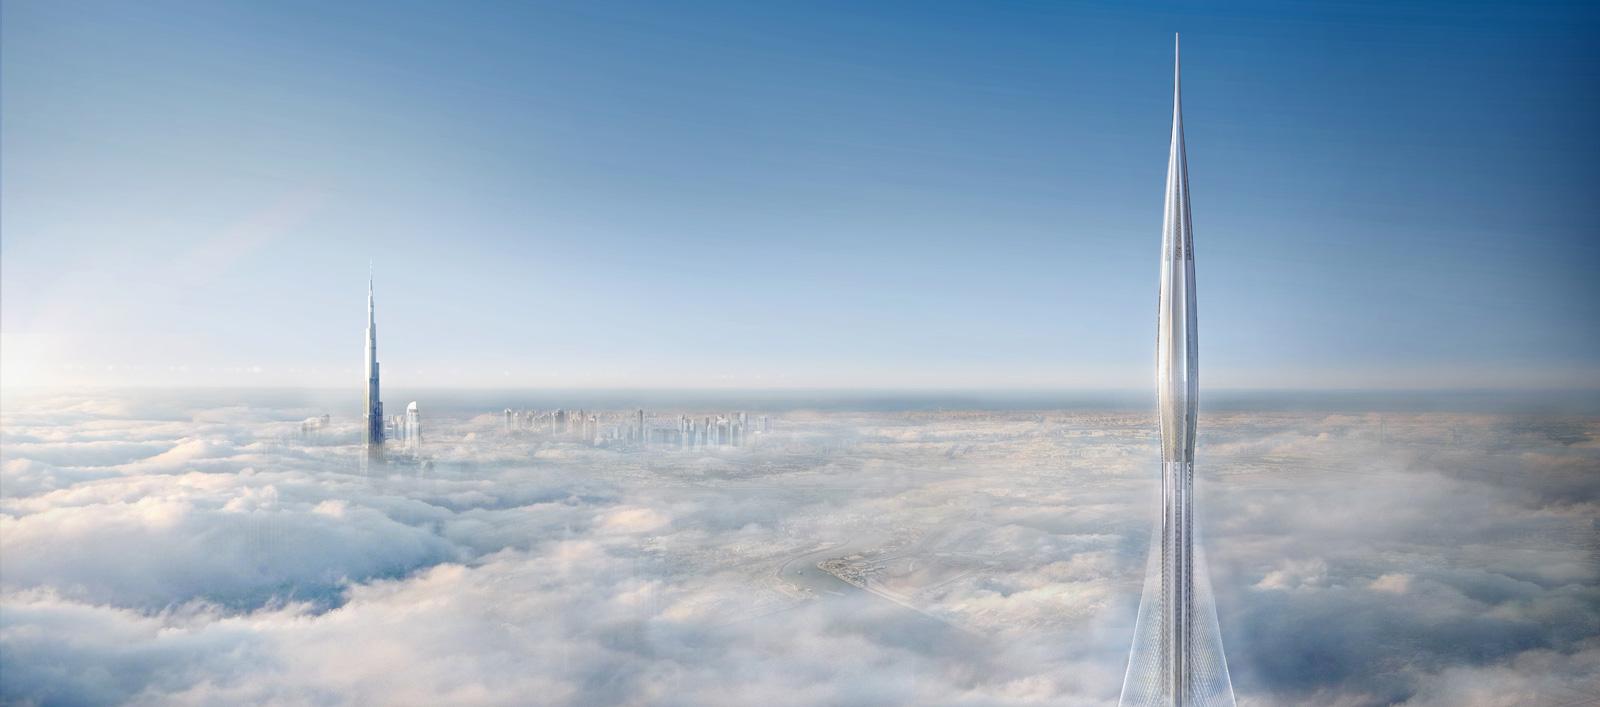 Фундамент для самого высокого сооружения в мире